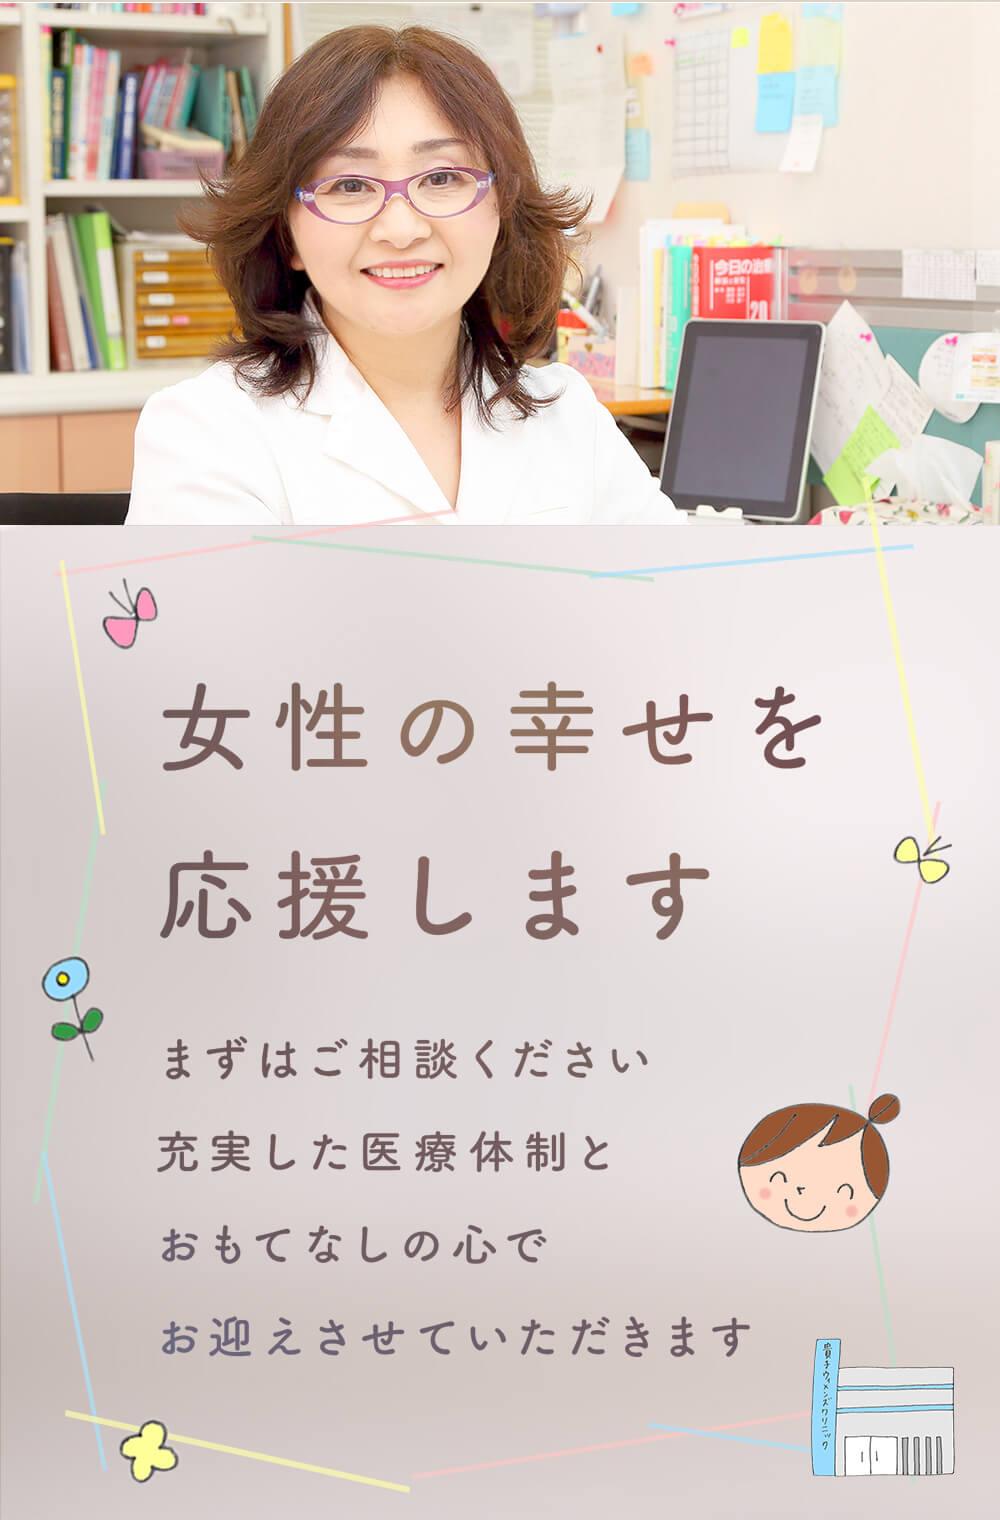 女性の幸せを応援します まずはご相談ください 充実した医療体制とおもてなしの心でお迎えさせていただきます